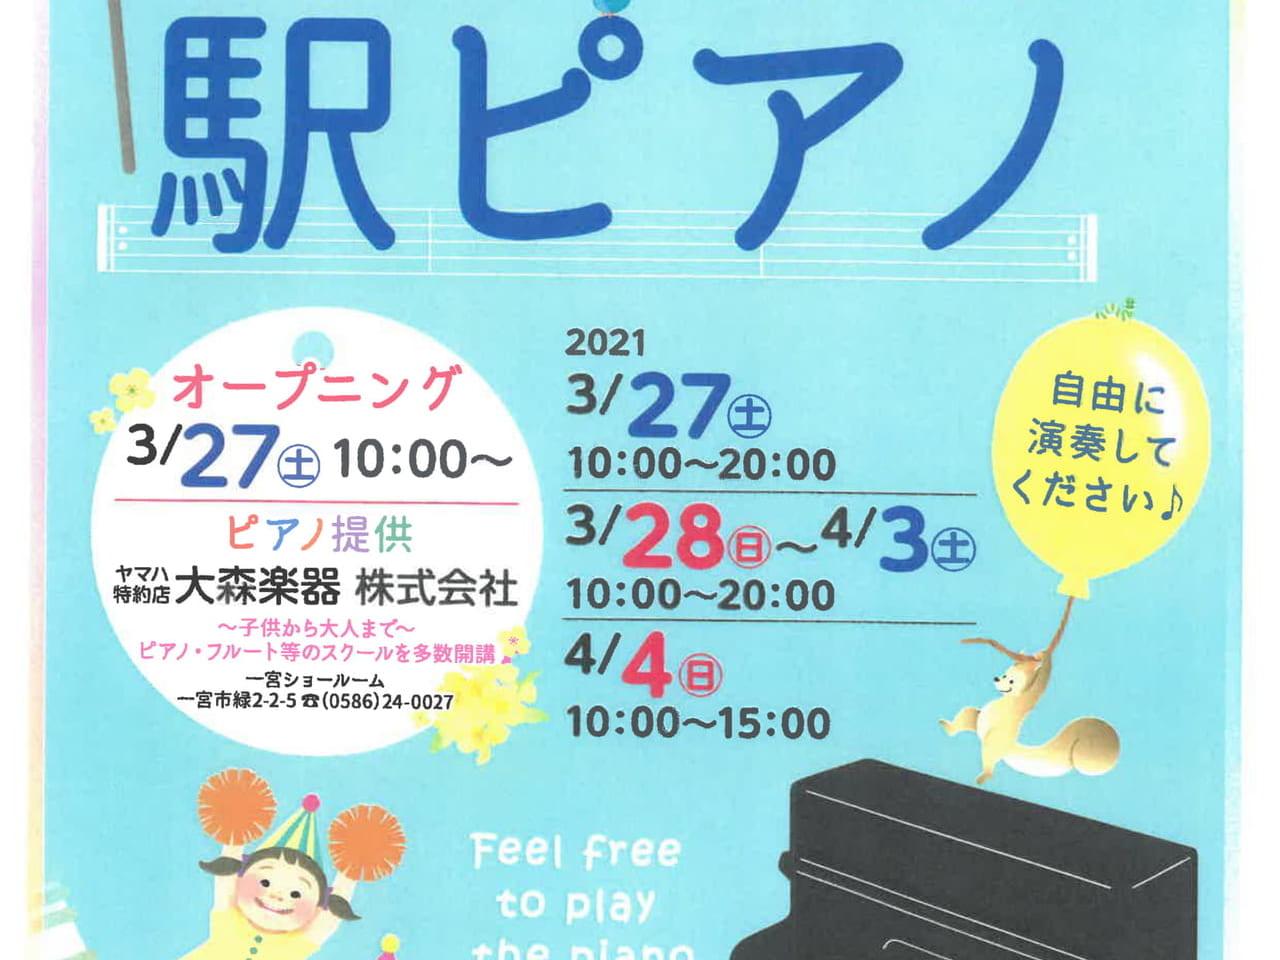 2021年3月27日(土)から始まる駅ピアノのチラシ